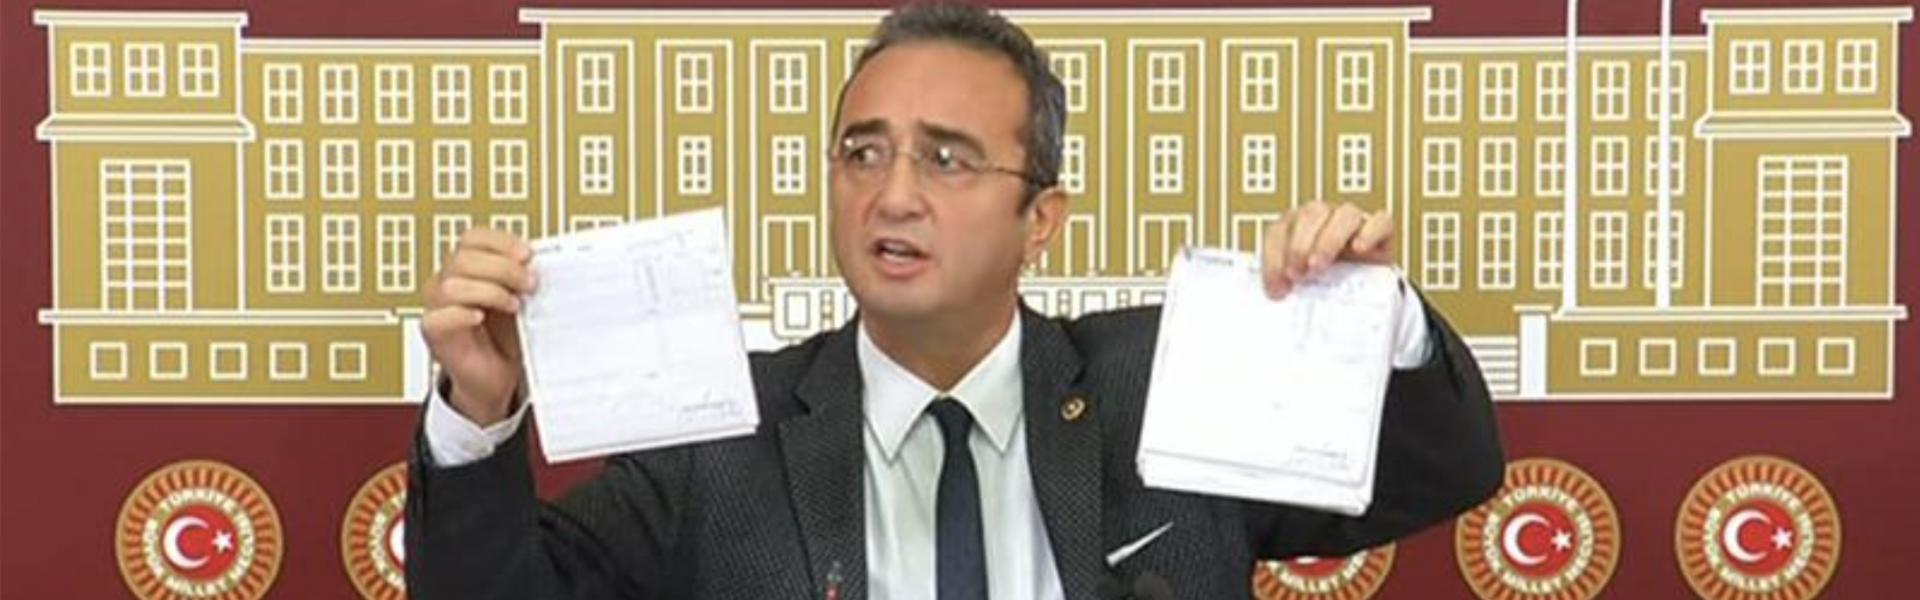 AKP'nin 'sahte' dediği belgeler basına dağıtıldı!